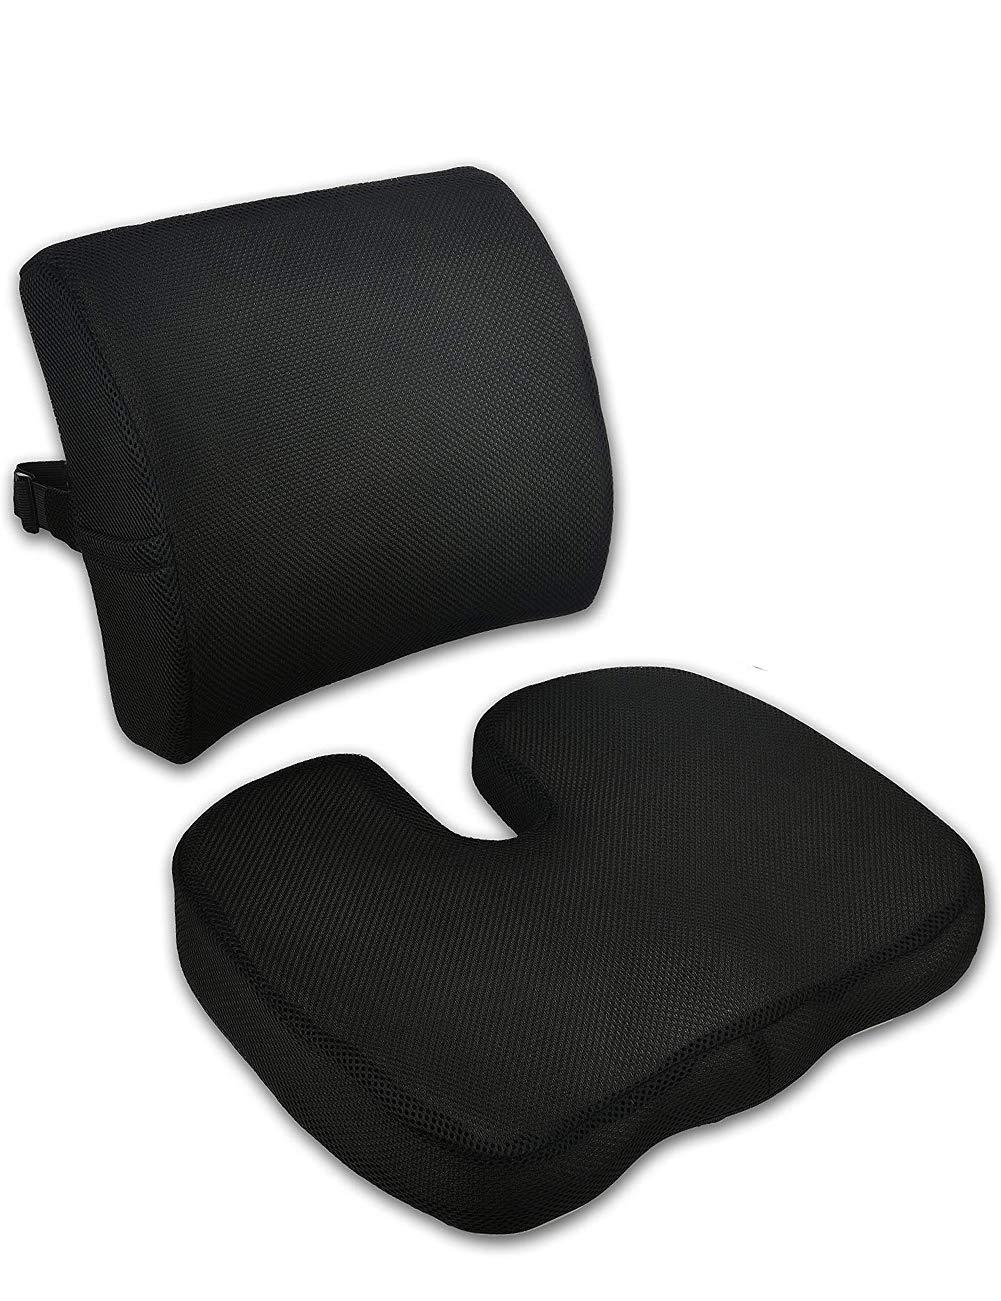 Amazon.com: Cojín de espuma viscoelástica y almohada lumbar ...